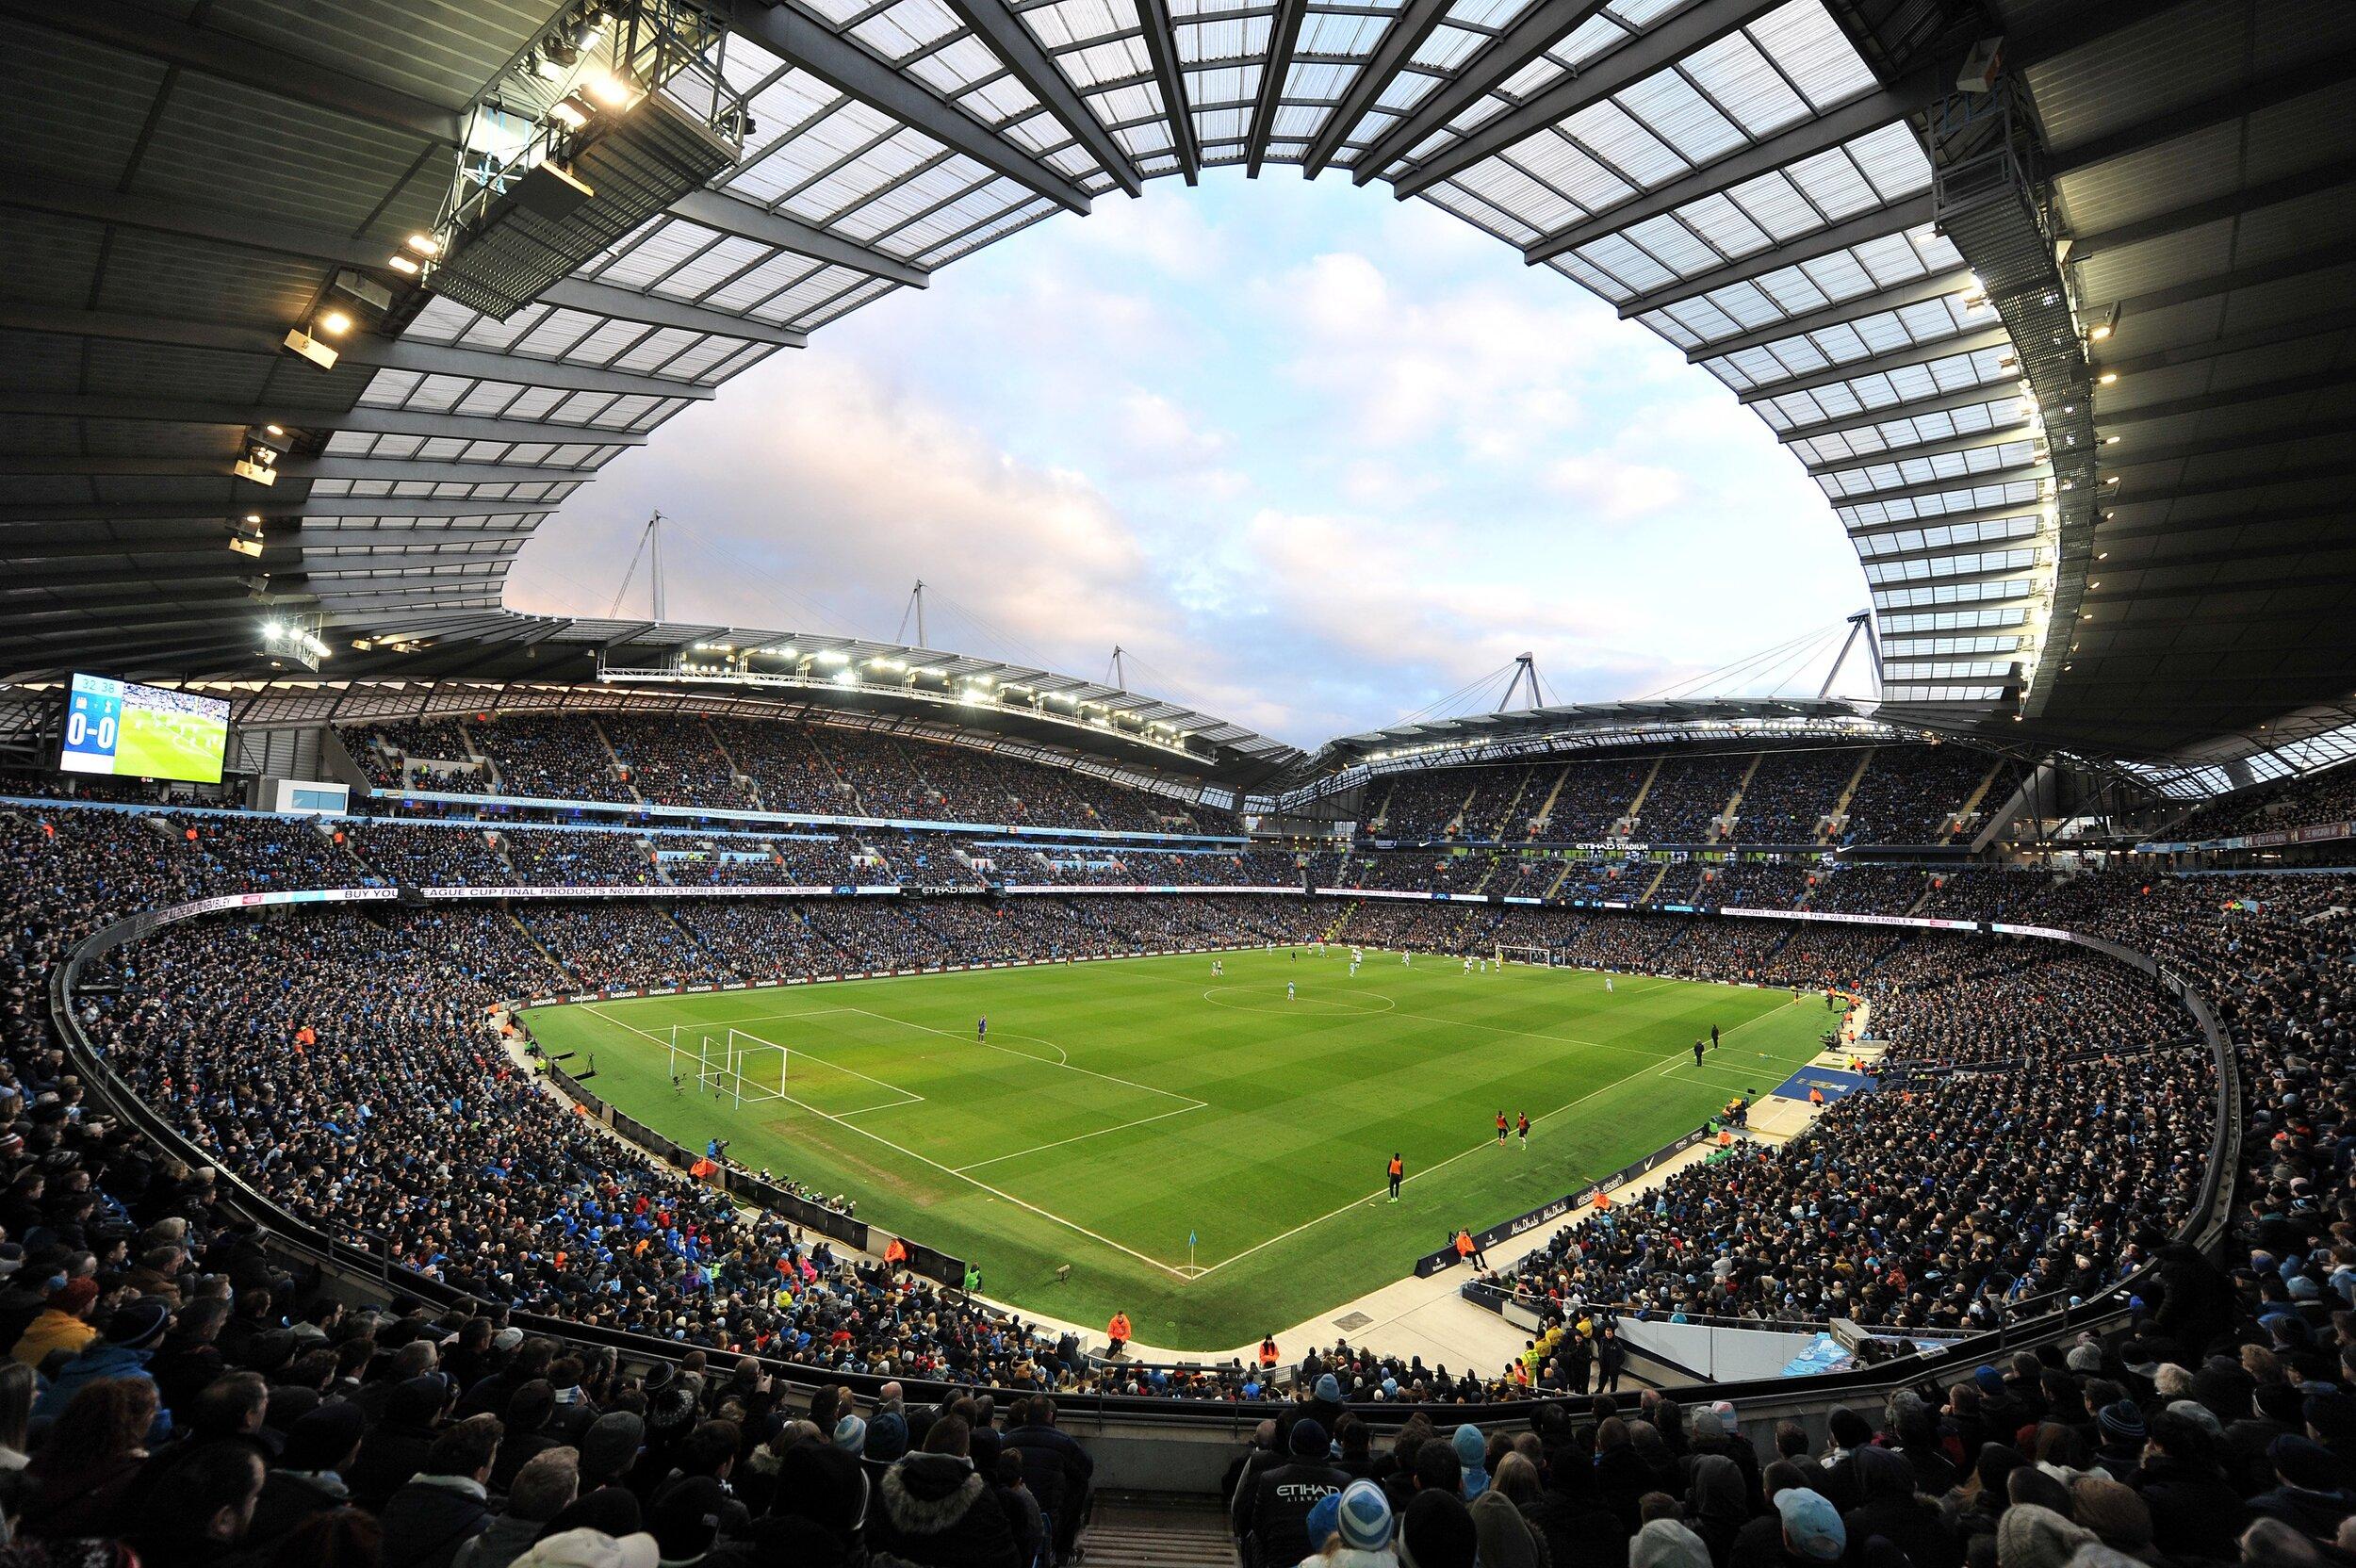 Etihad_Stadium.jpg